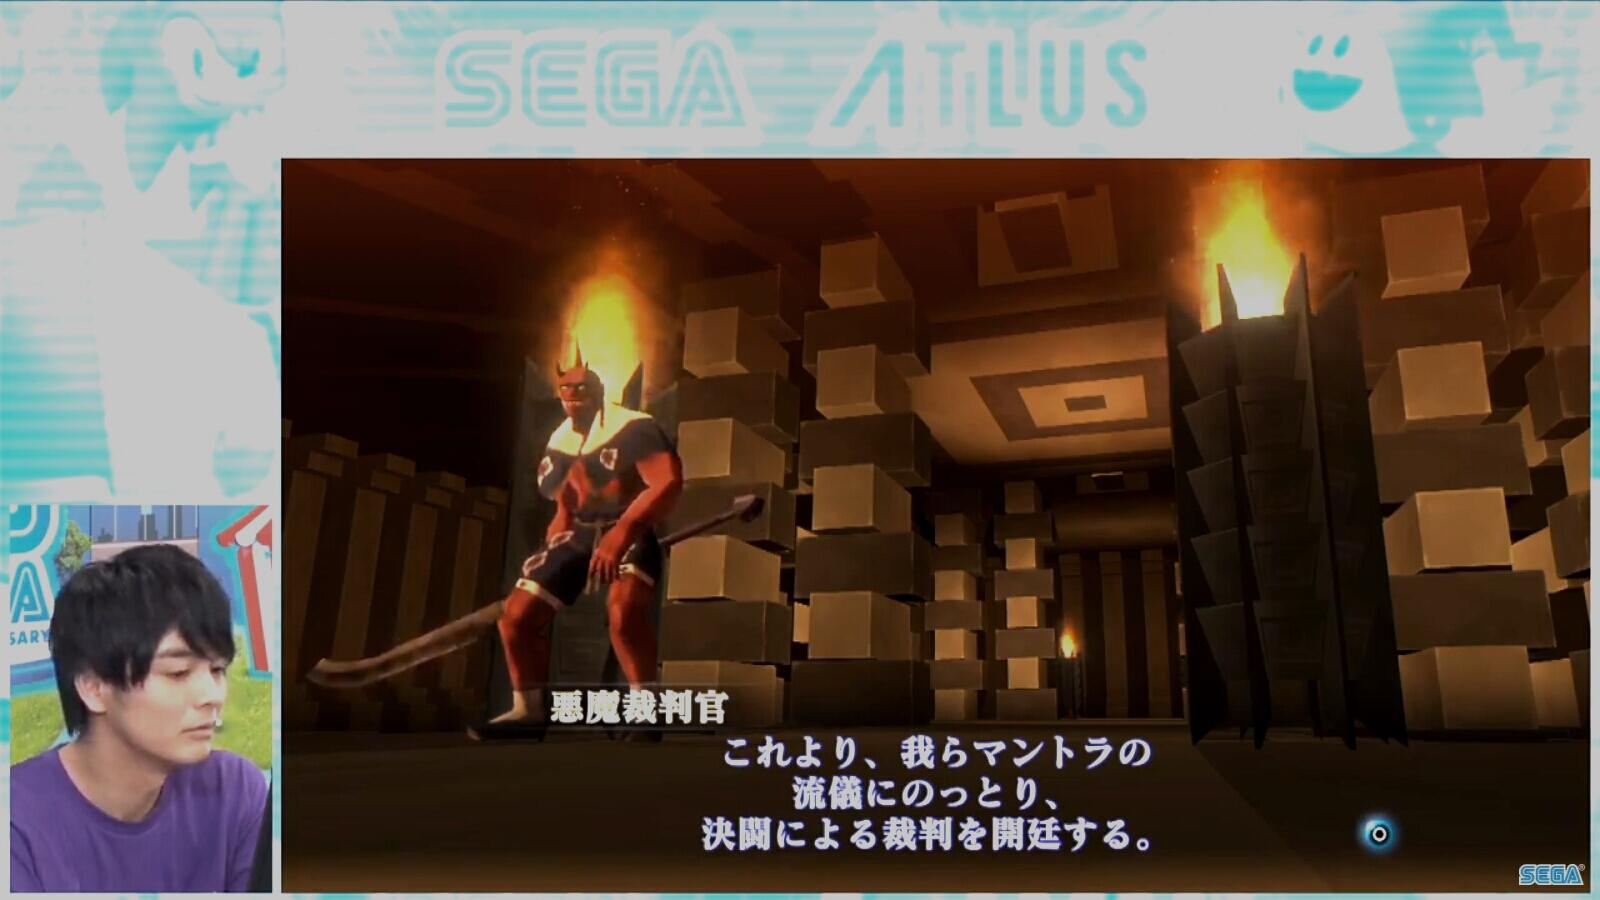 イベントのカットシーン。ポリゴンに古臭さが残るが、PS2の頃からのユーザーには懐かしさを感じさせるし、カクカク度合いが逆に新鮮に感じられるユーザーも多そうだ